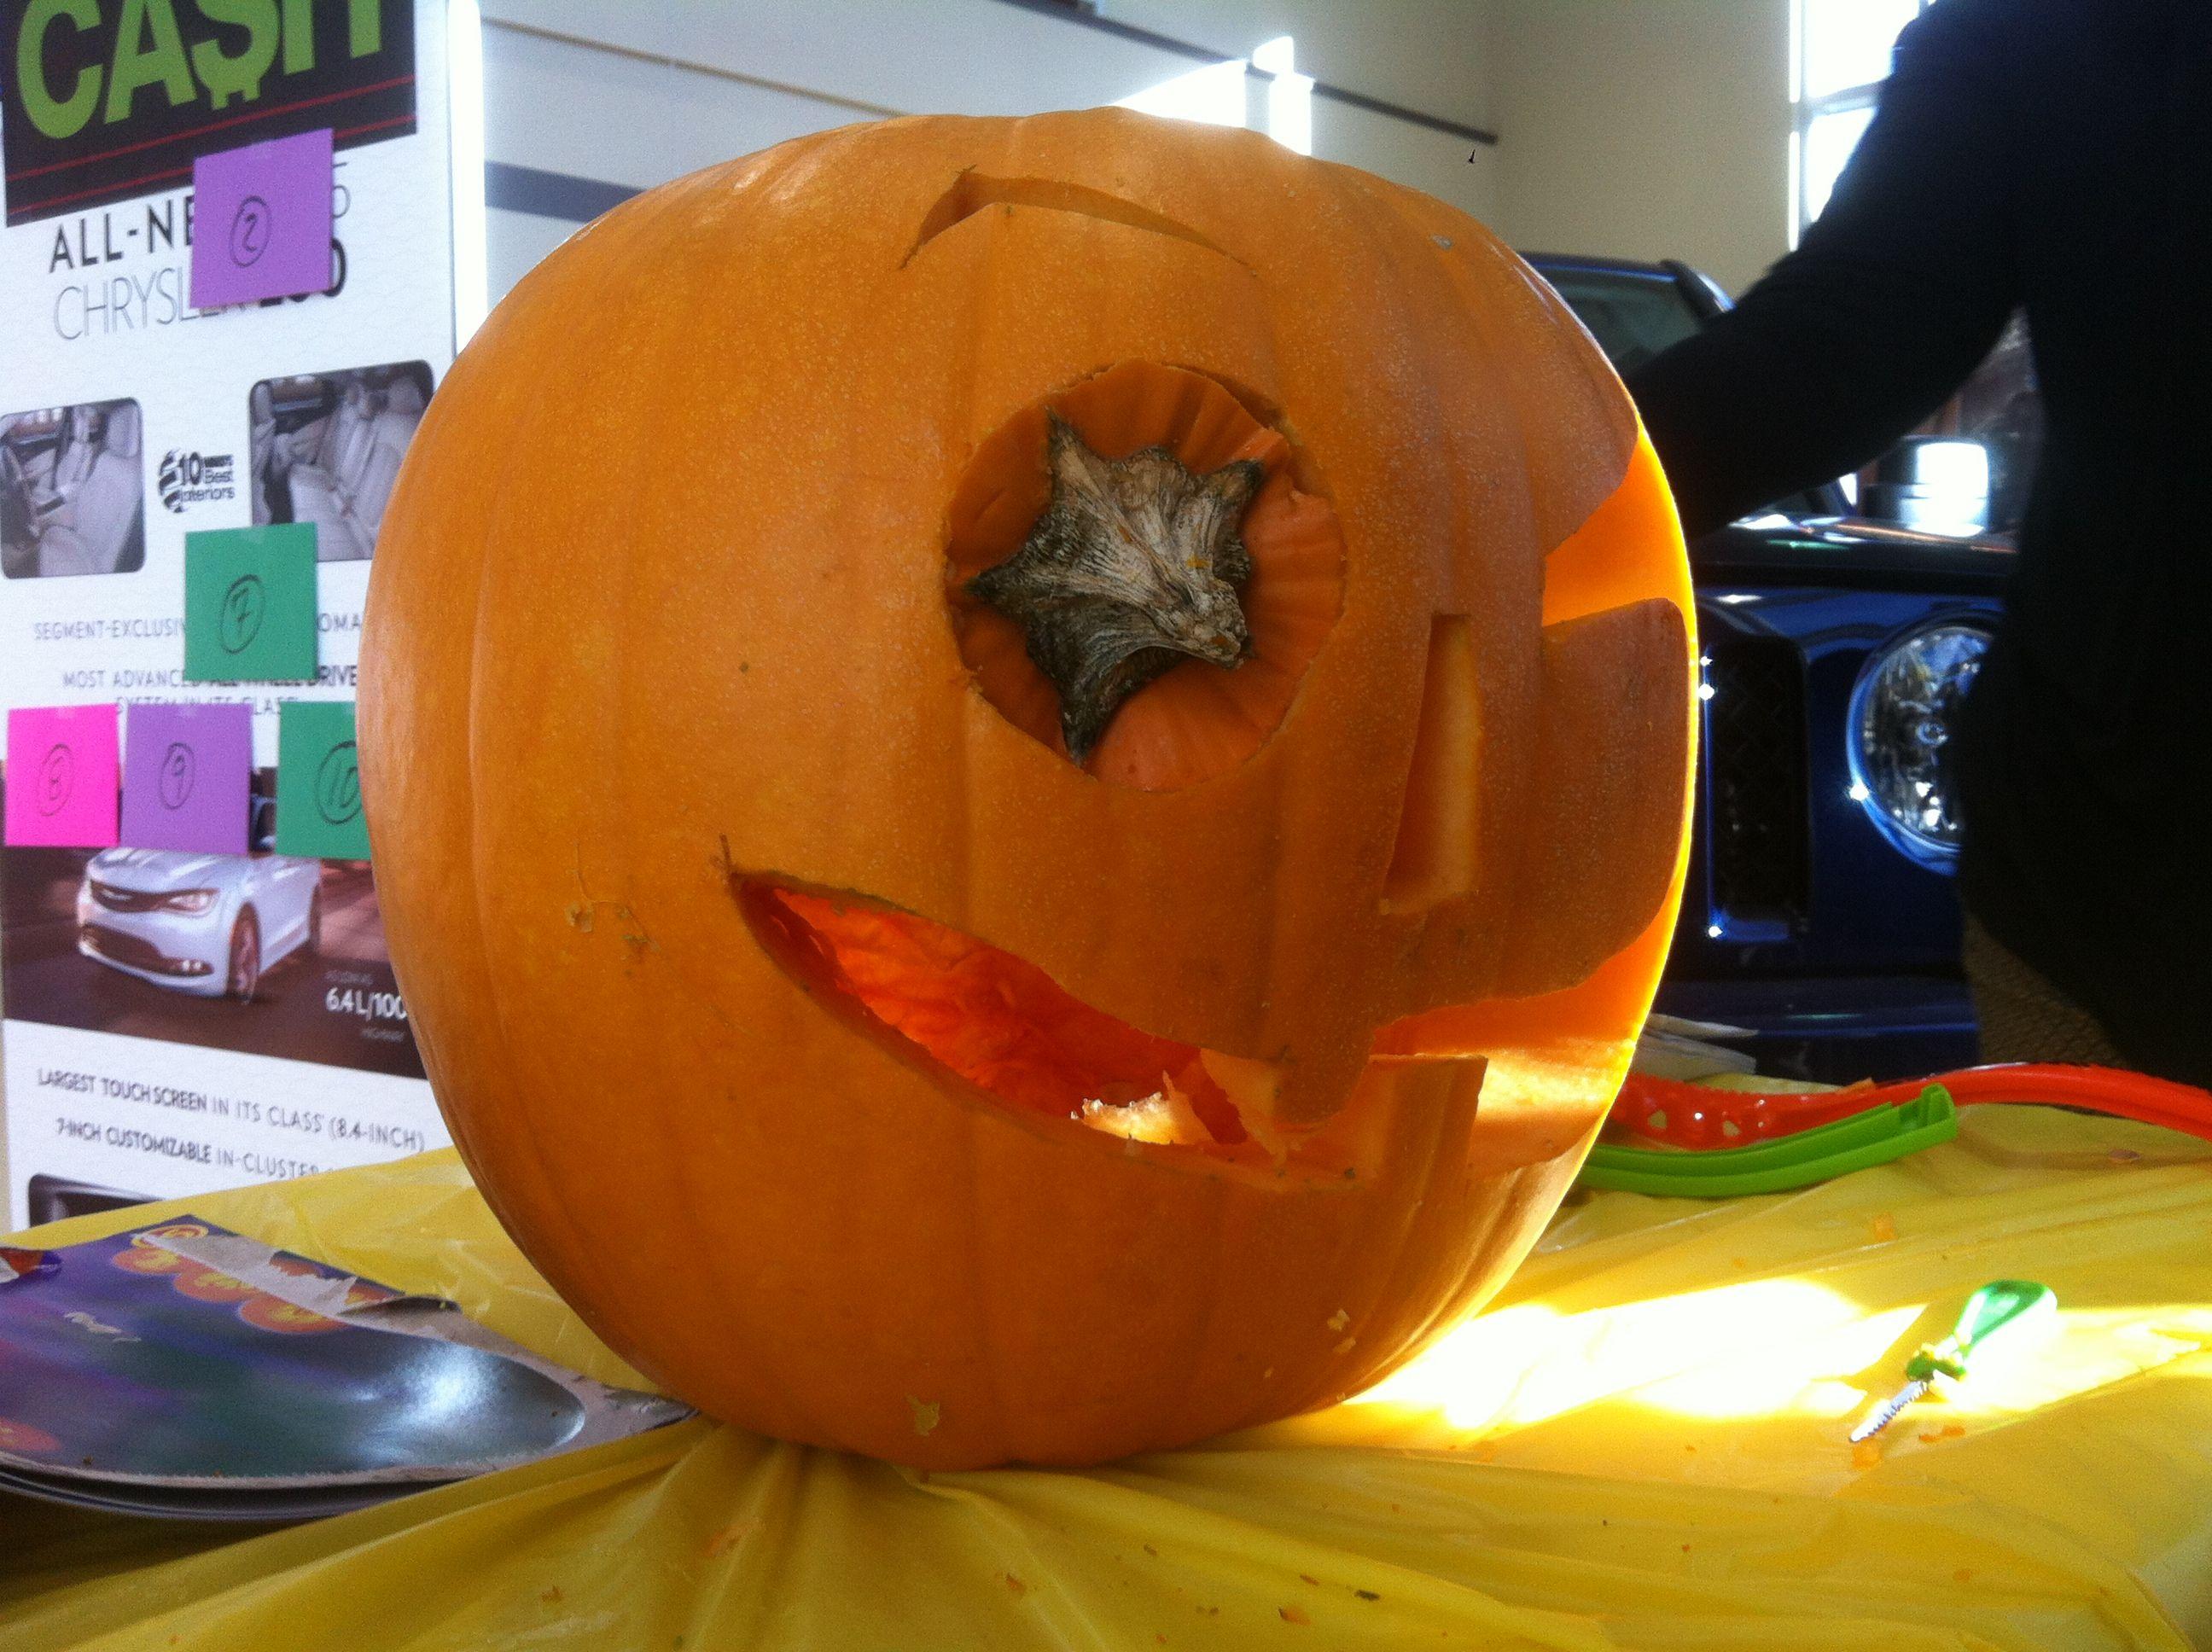 evil pumpkin cold lake chrysler pumpkin carving contest we love